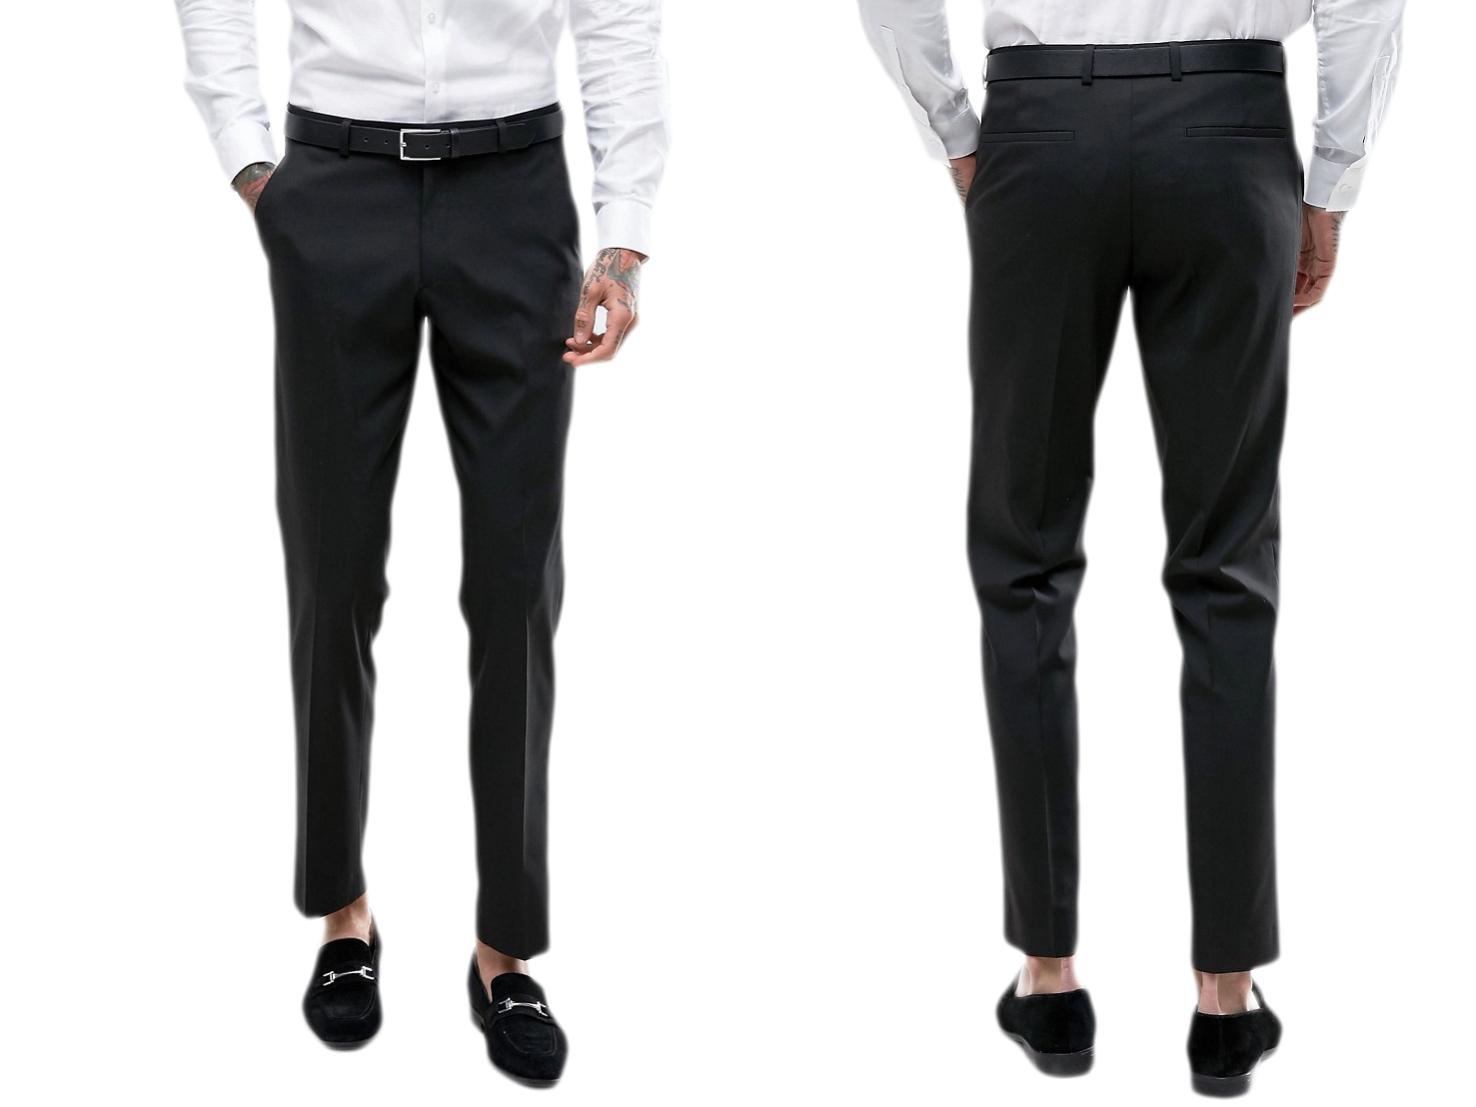 Design-Czarne spodnie eleganckie męskie W36 L32